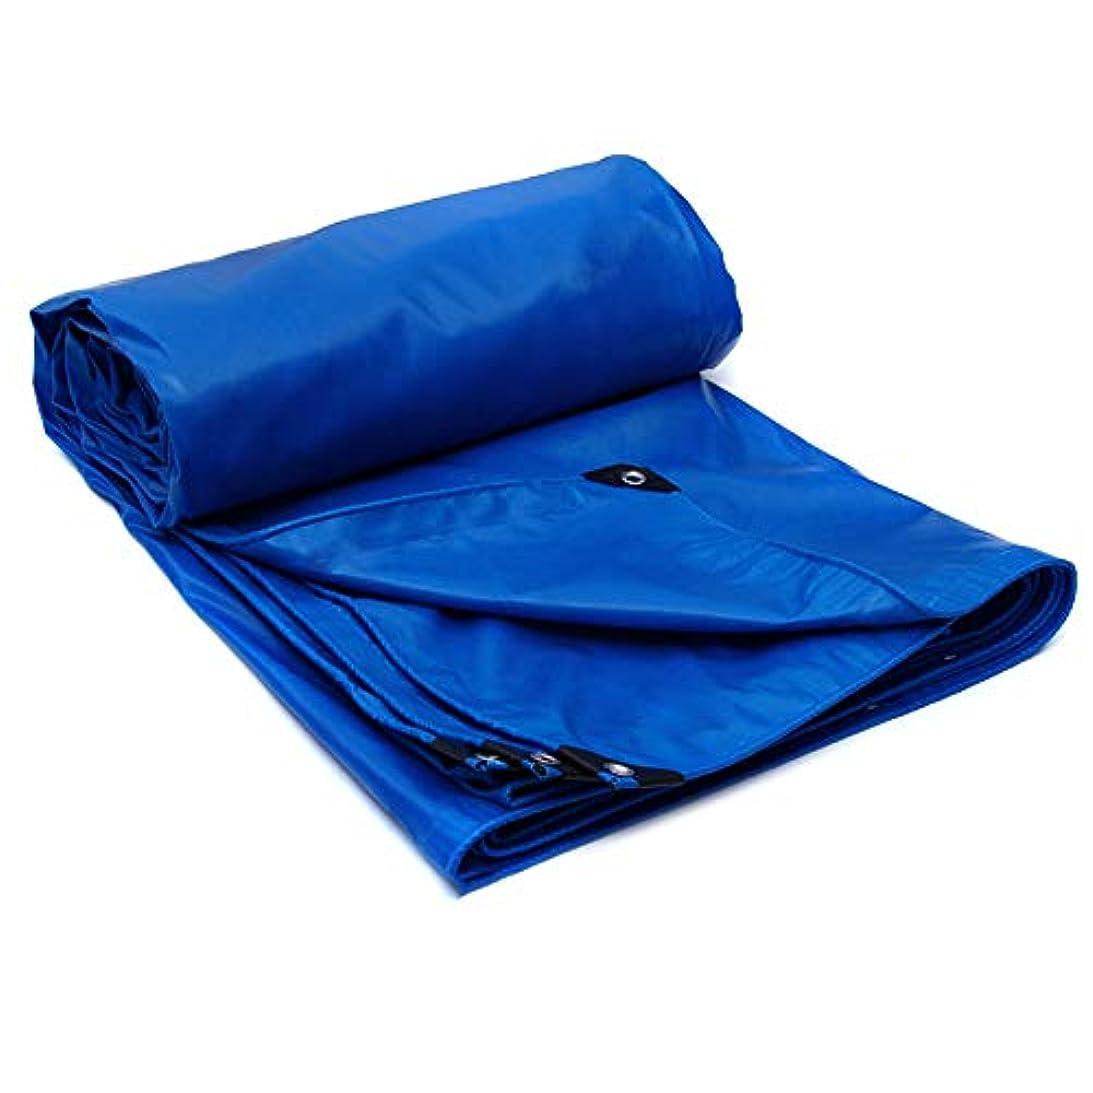 木製面アシュリータファーマン厚い青色のPVC防水シート、0.5 mm屋外凍結防止断熱防水シート、520 g/平方メートル、トラック雨の日よけ防水シート、両面防水